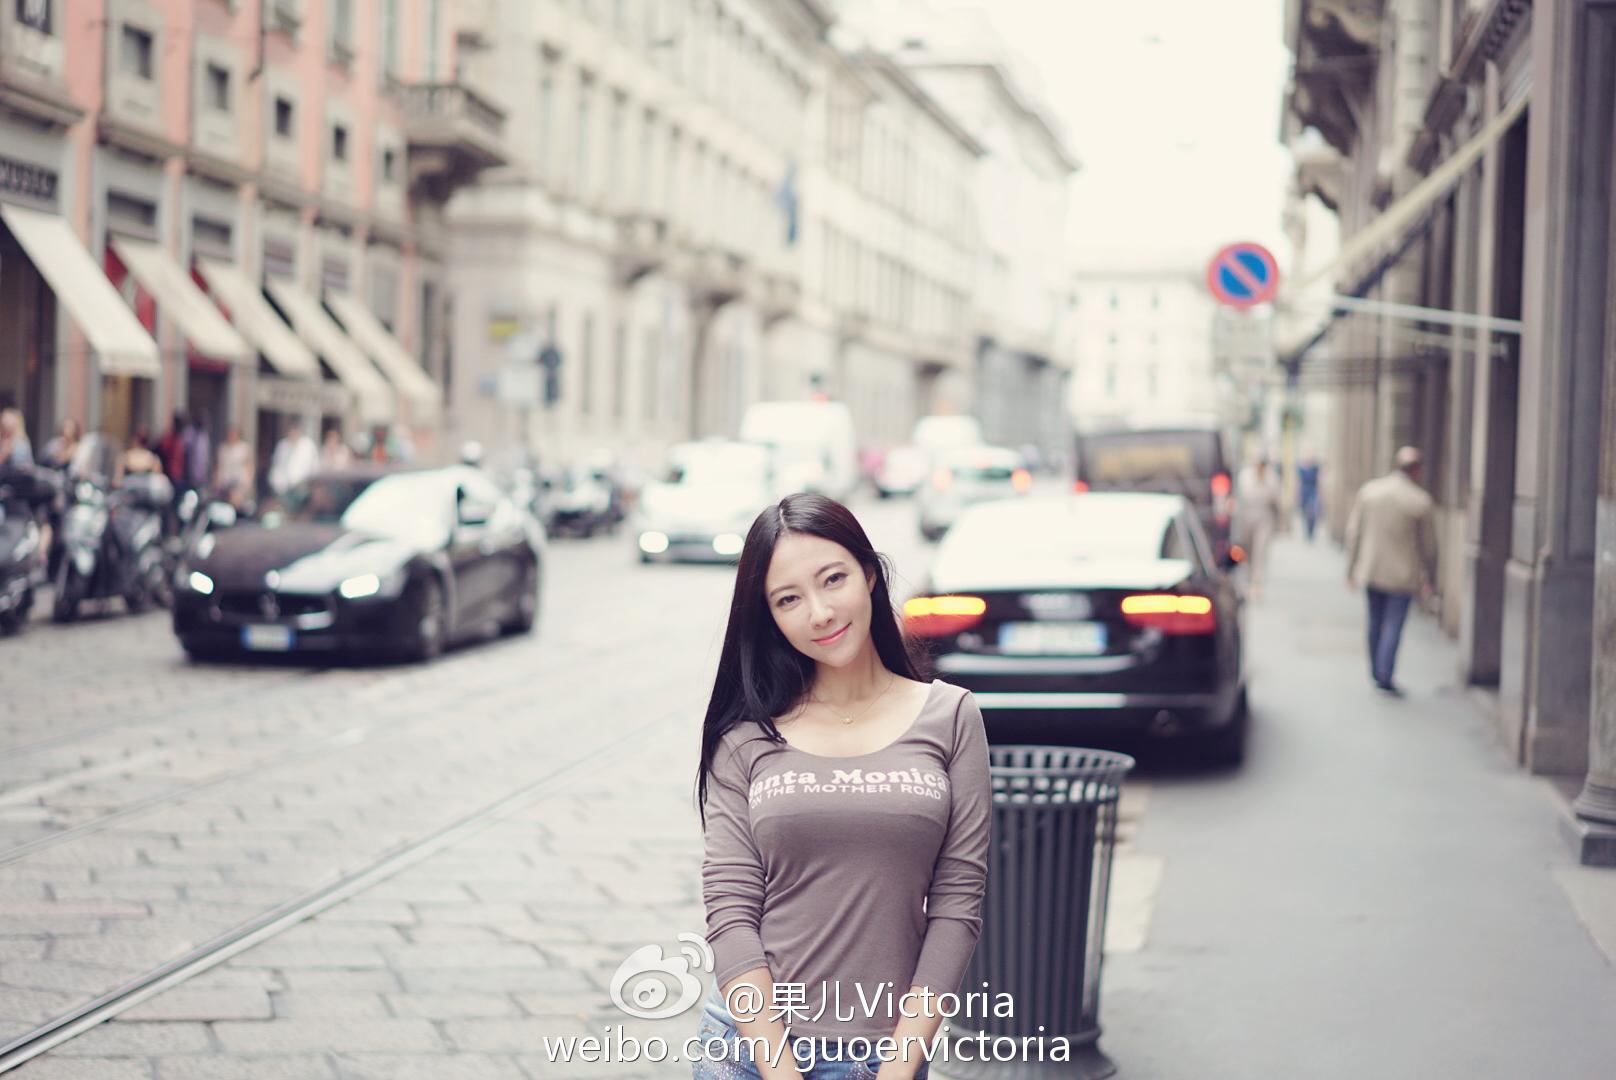 果儿Victoria 米兰这个城市虽然是时尚之都但给人感觉更多_美女福利图片